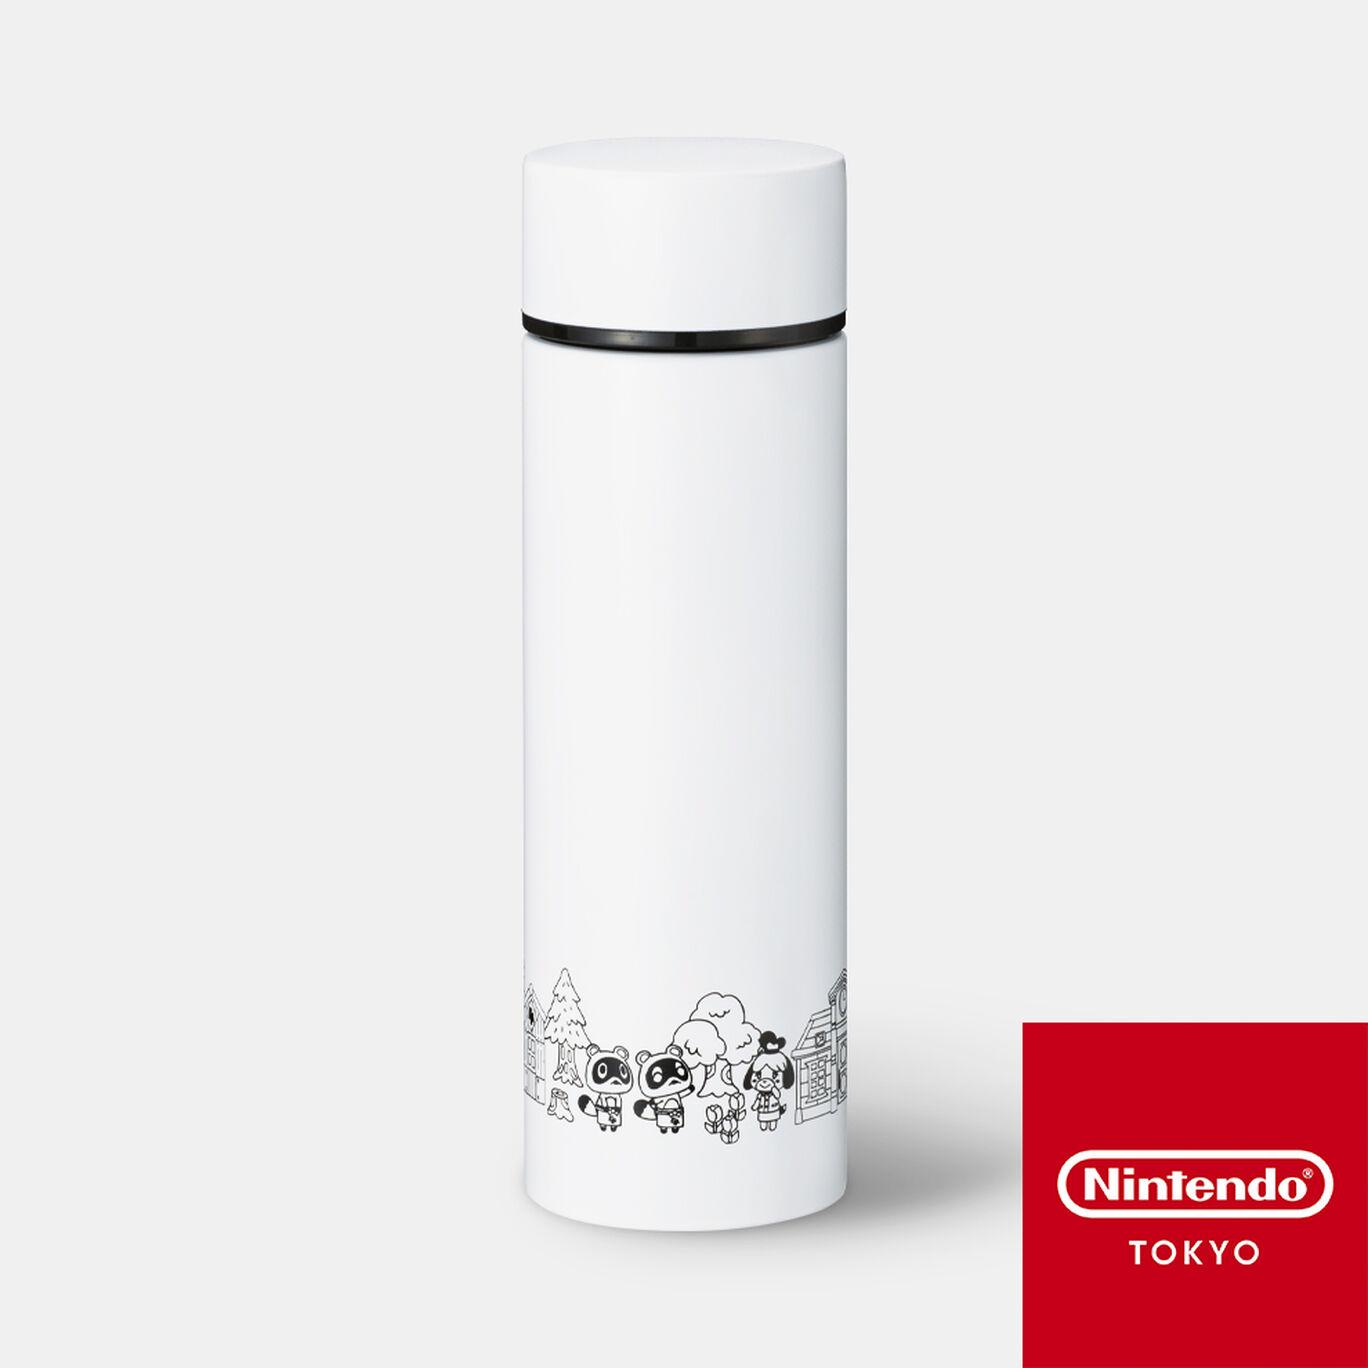 ポケトル どうぶつの森 B【Nintendo TOKYO取り扱い商品】